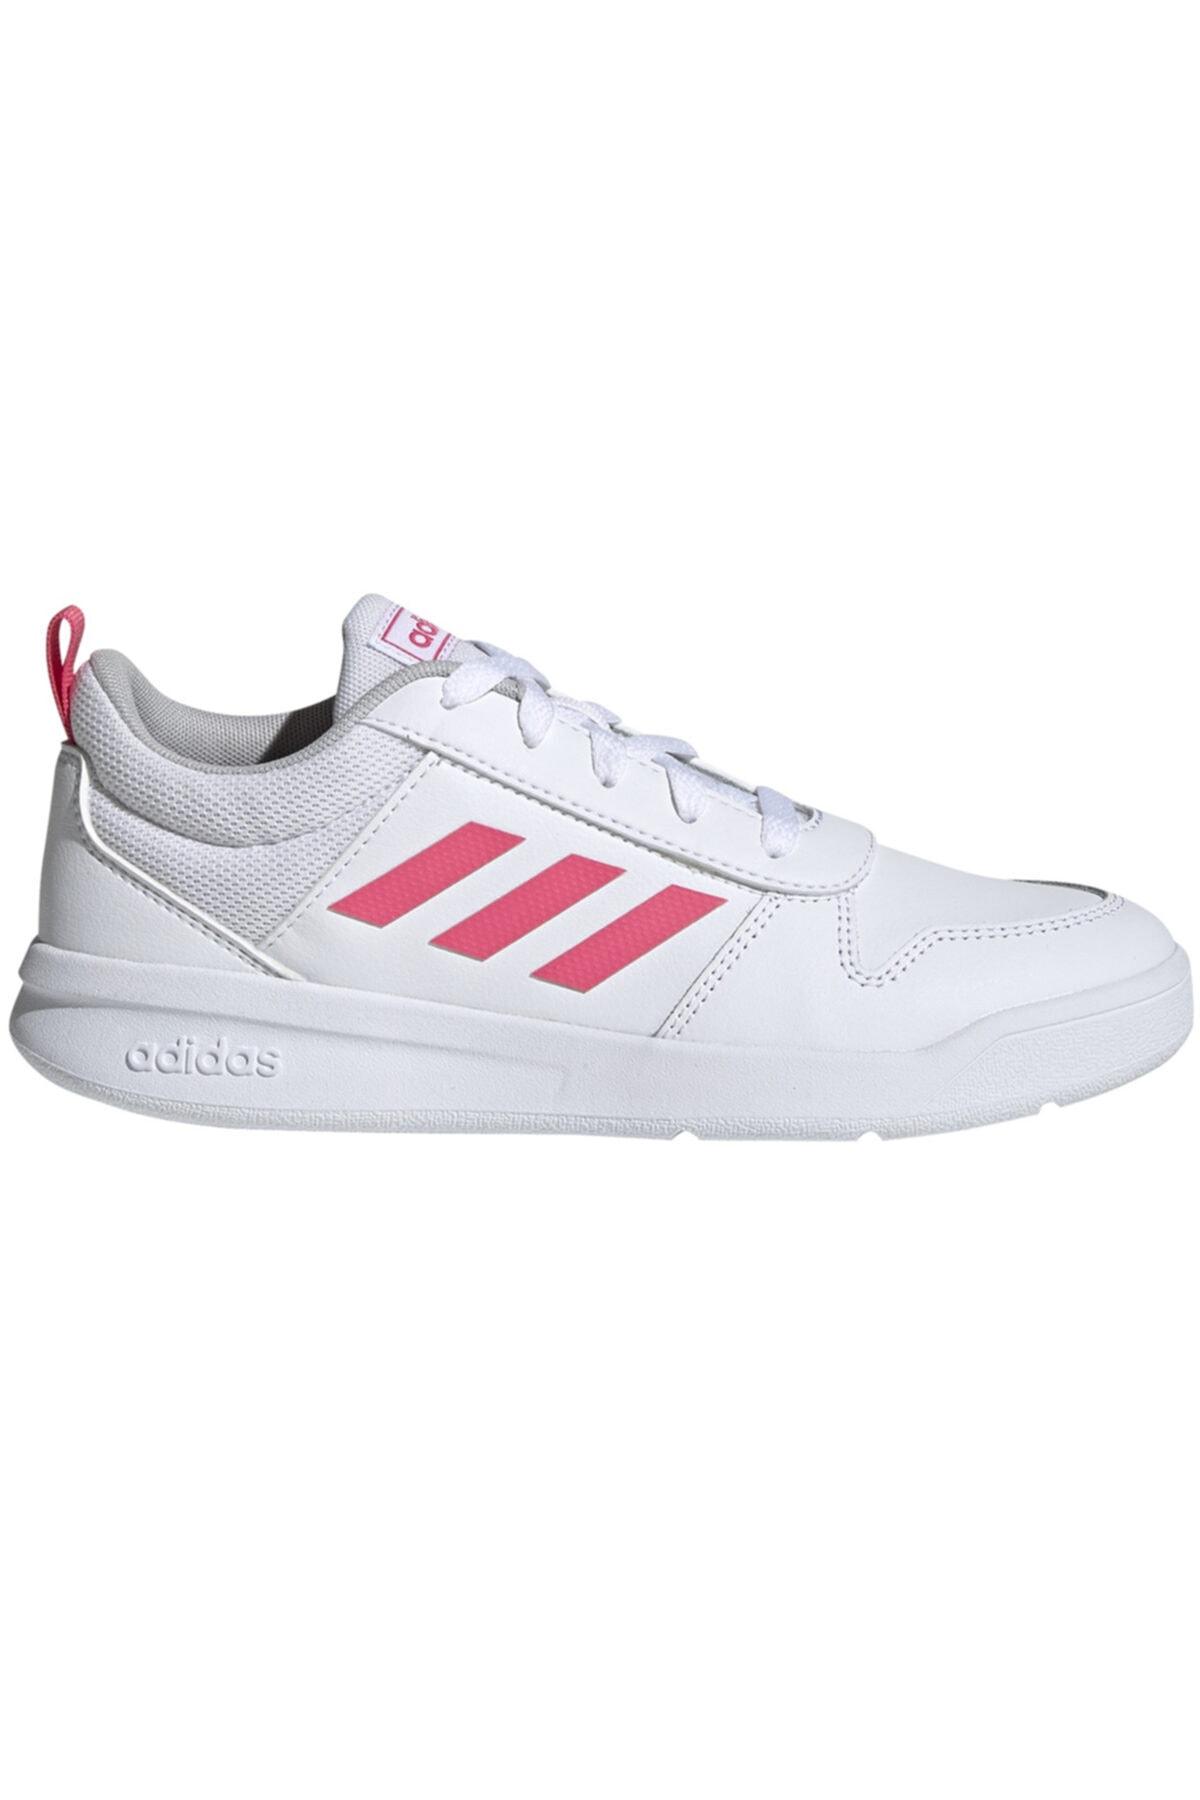 adidas TENSAUR Beyaz Kadın Koşu Ayakkabısı 100538923 1